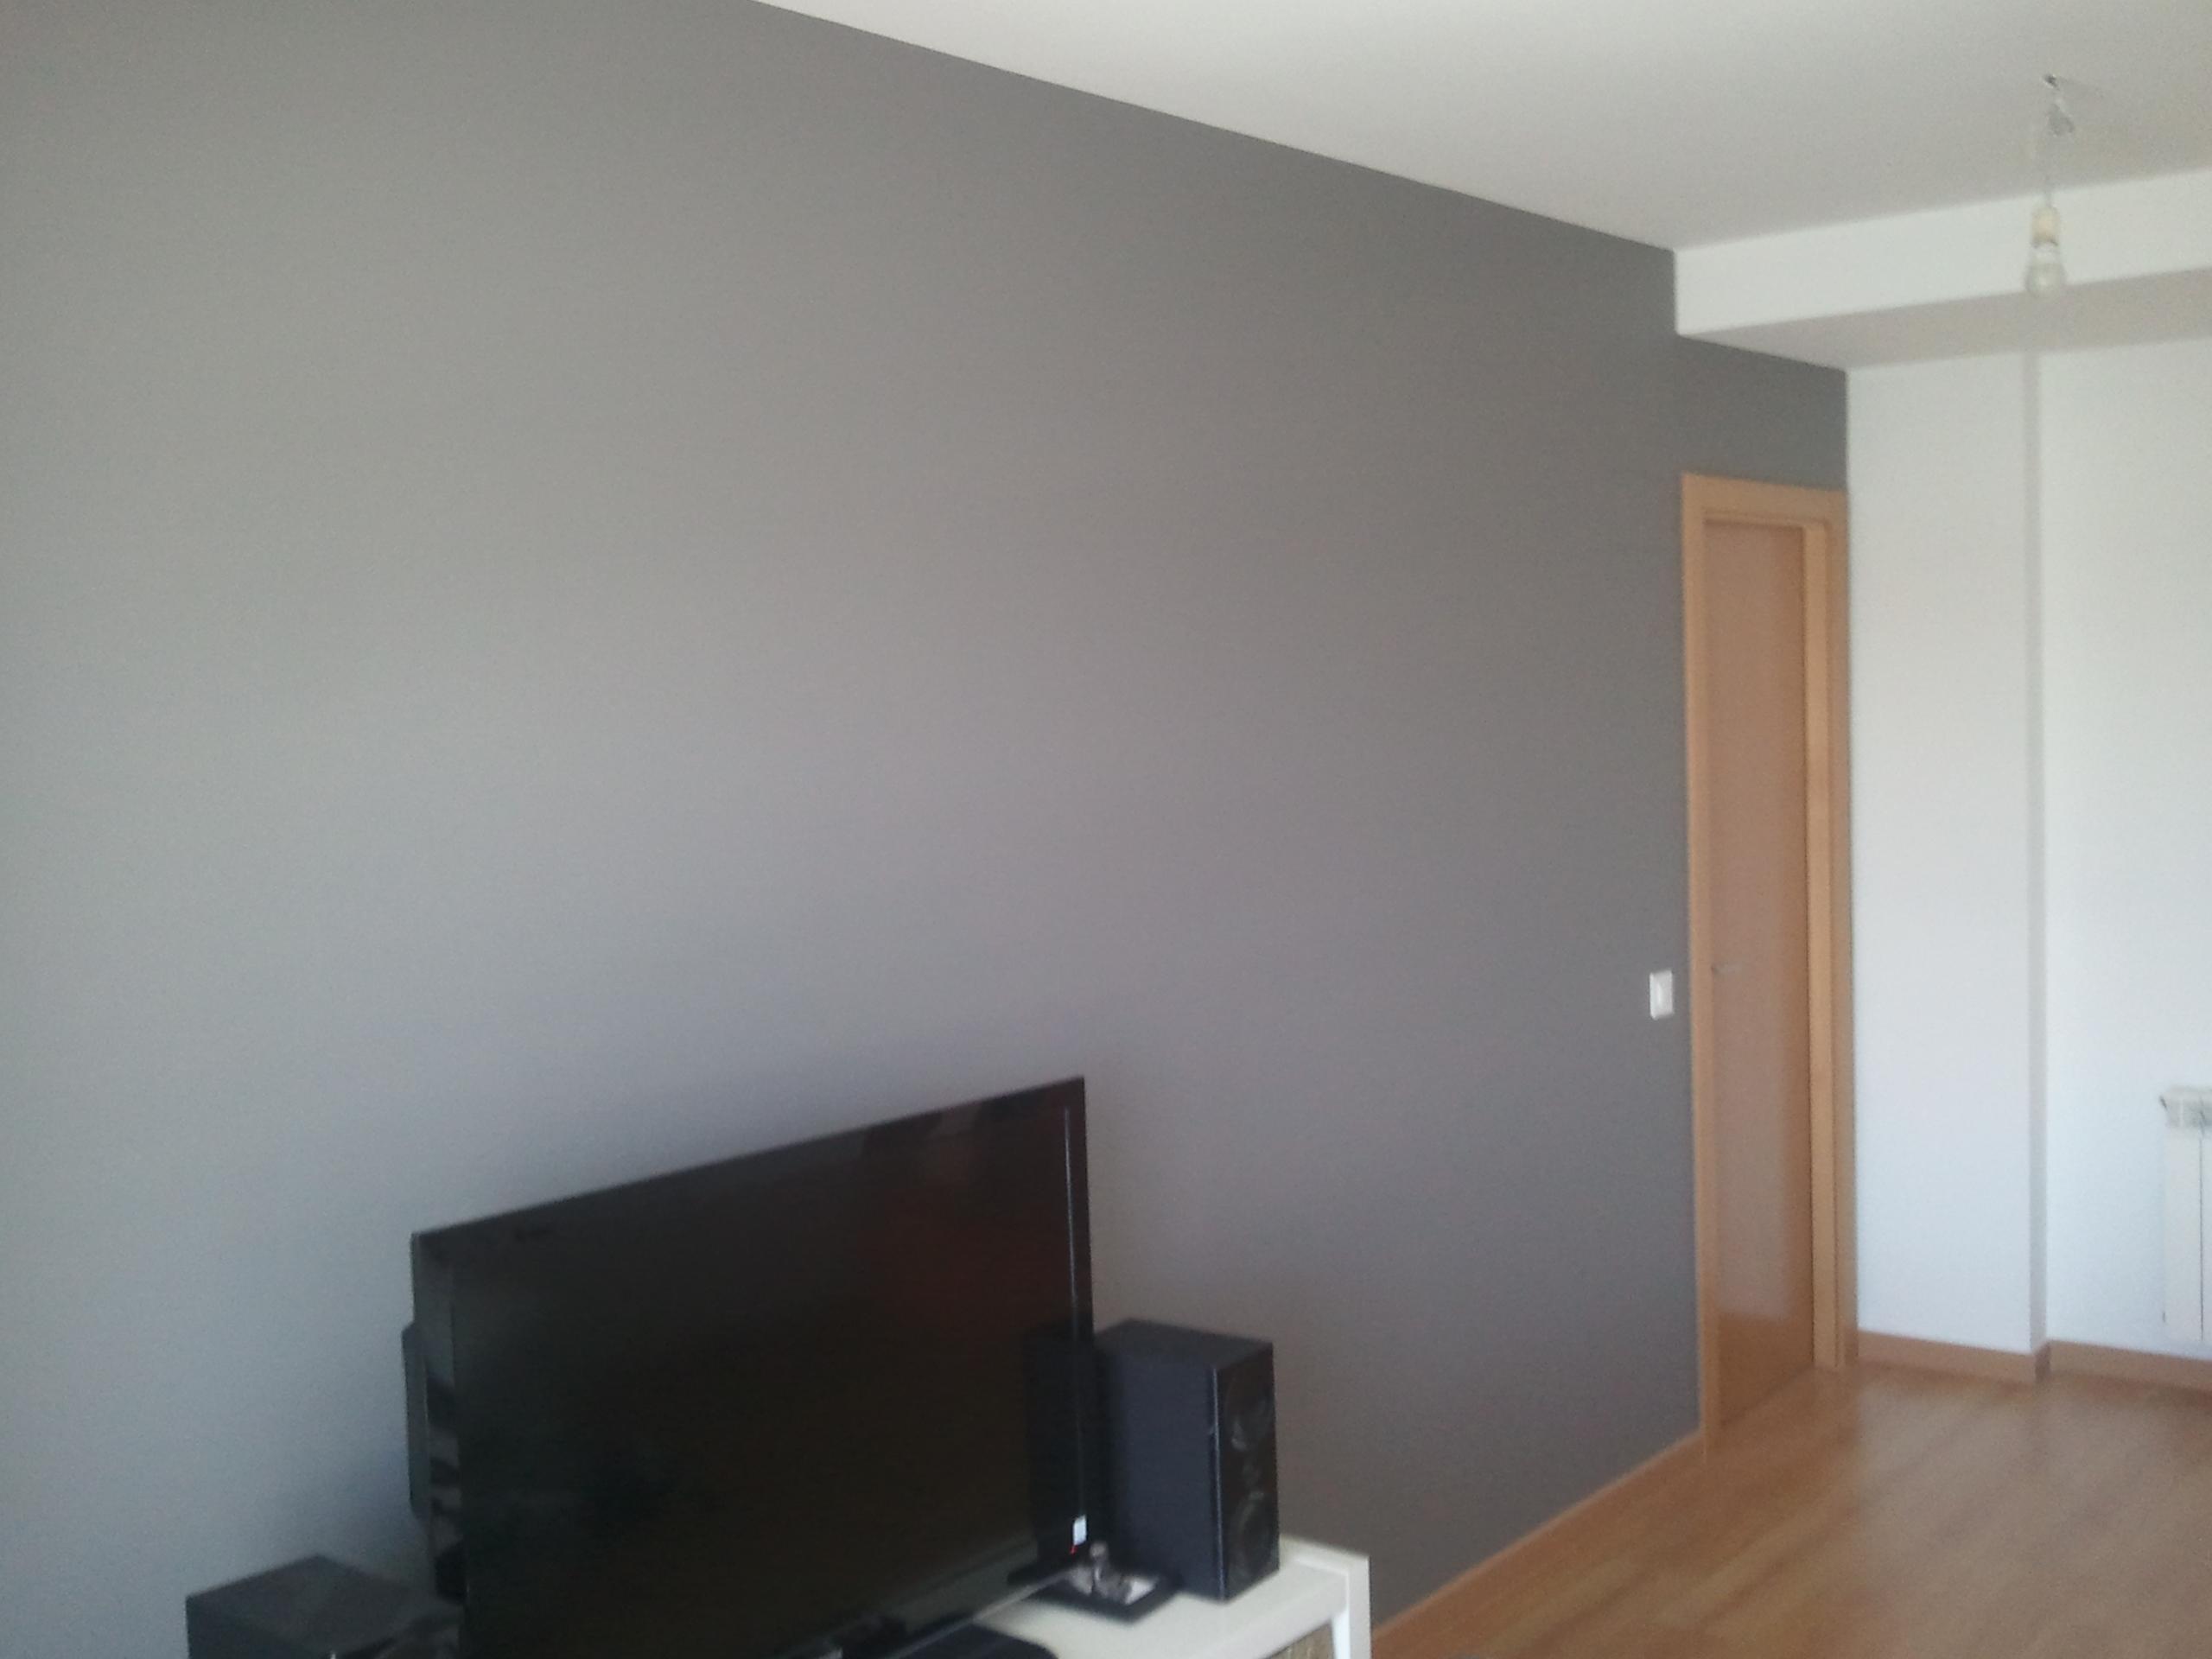 Pintura Plastica Color Blanco y Gris Oscuro  PINTORES EN